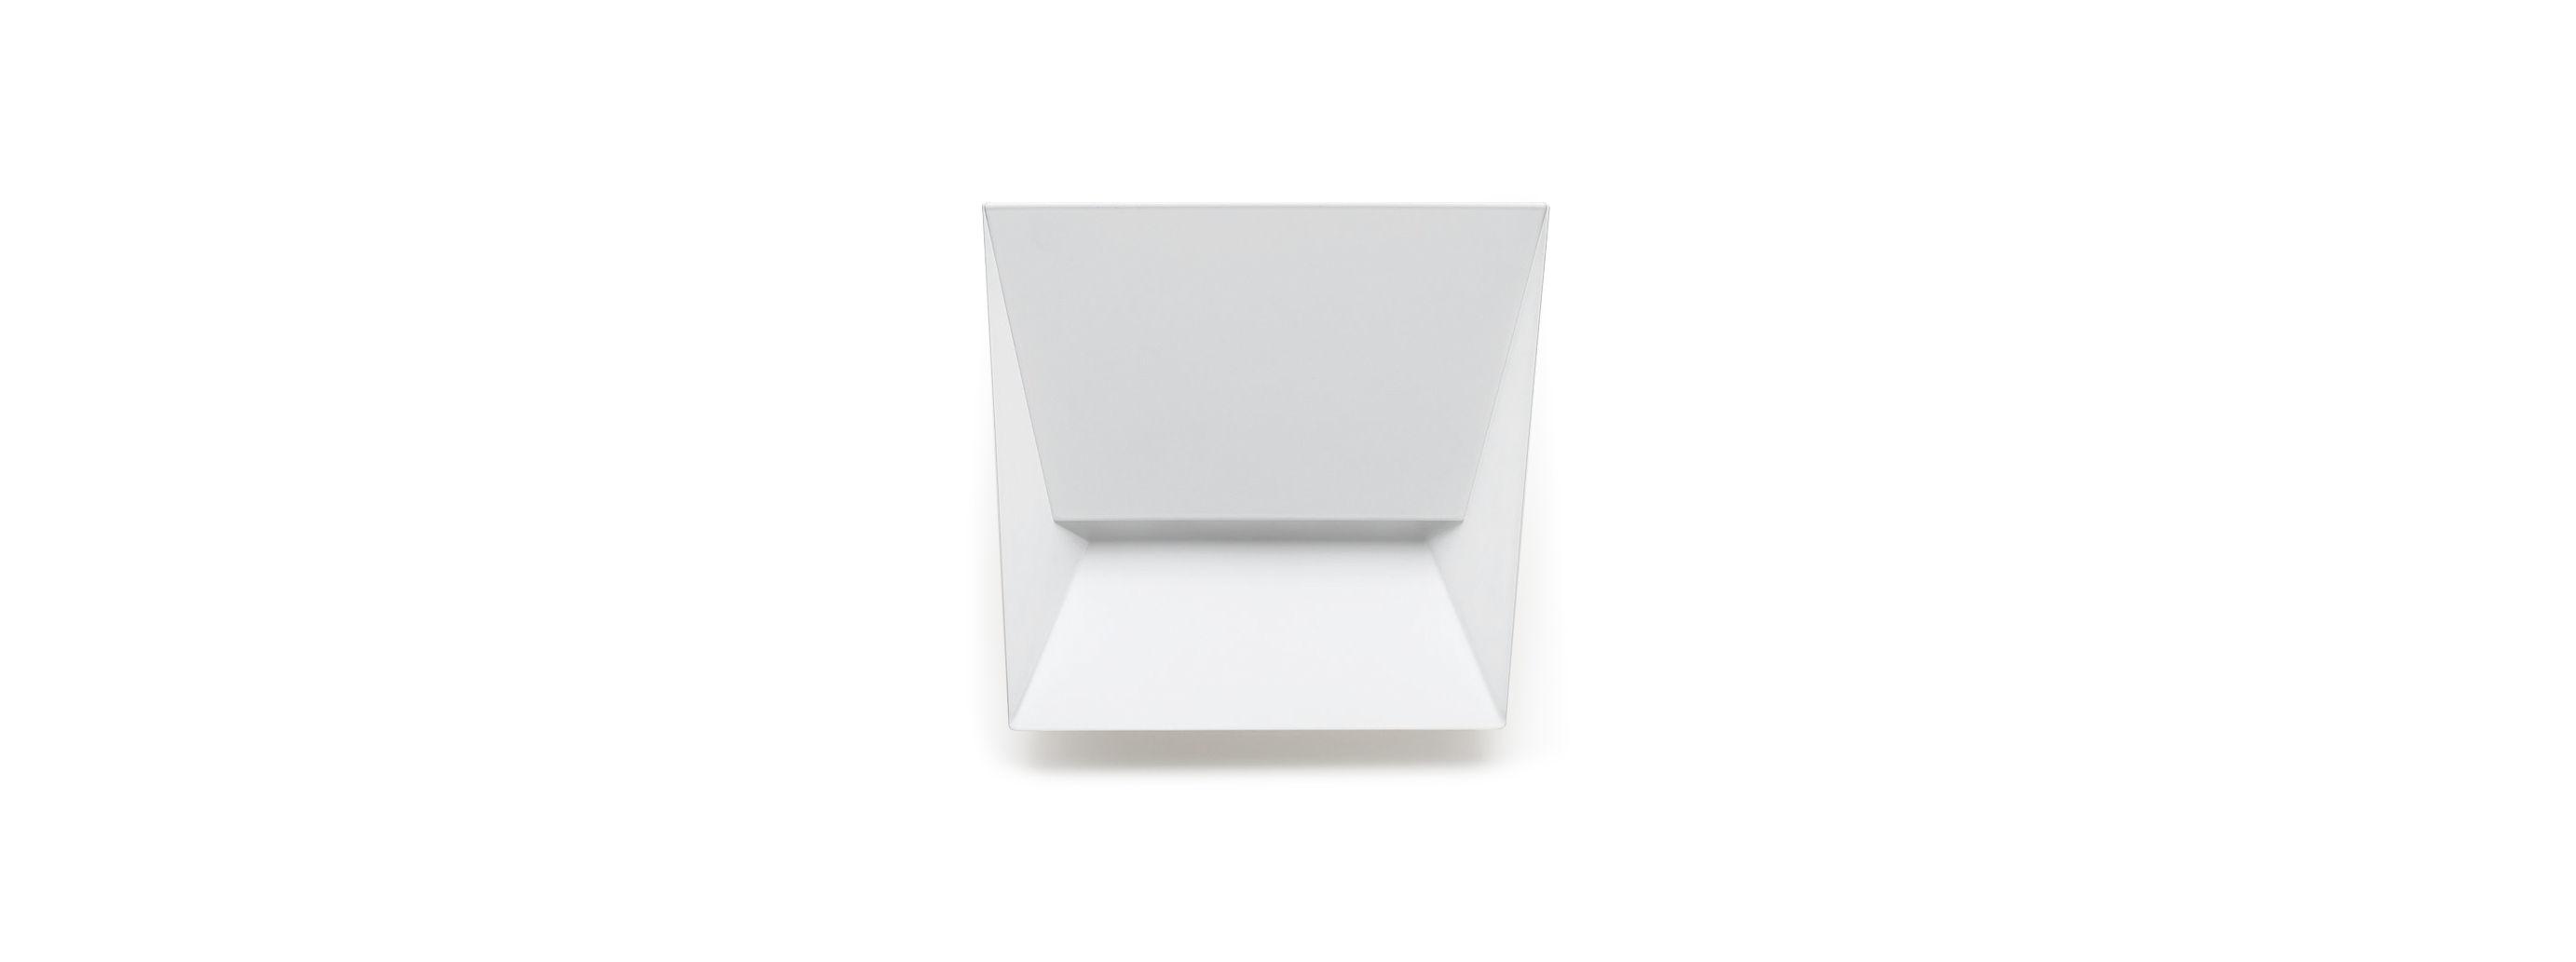 Luminaire - Appliques - Applique Mail S - L 19 cm - Lumen Center Italia - S / L 19 cm - Blanc mat - Métal laqué